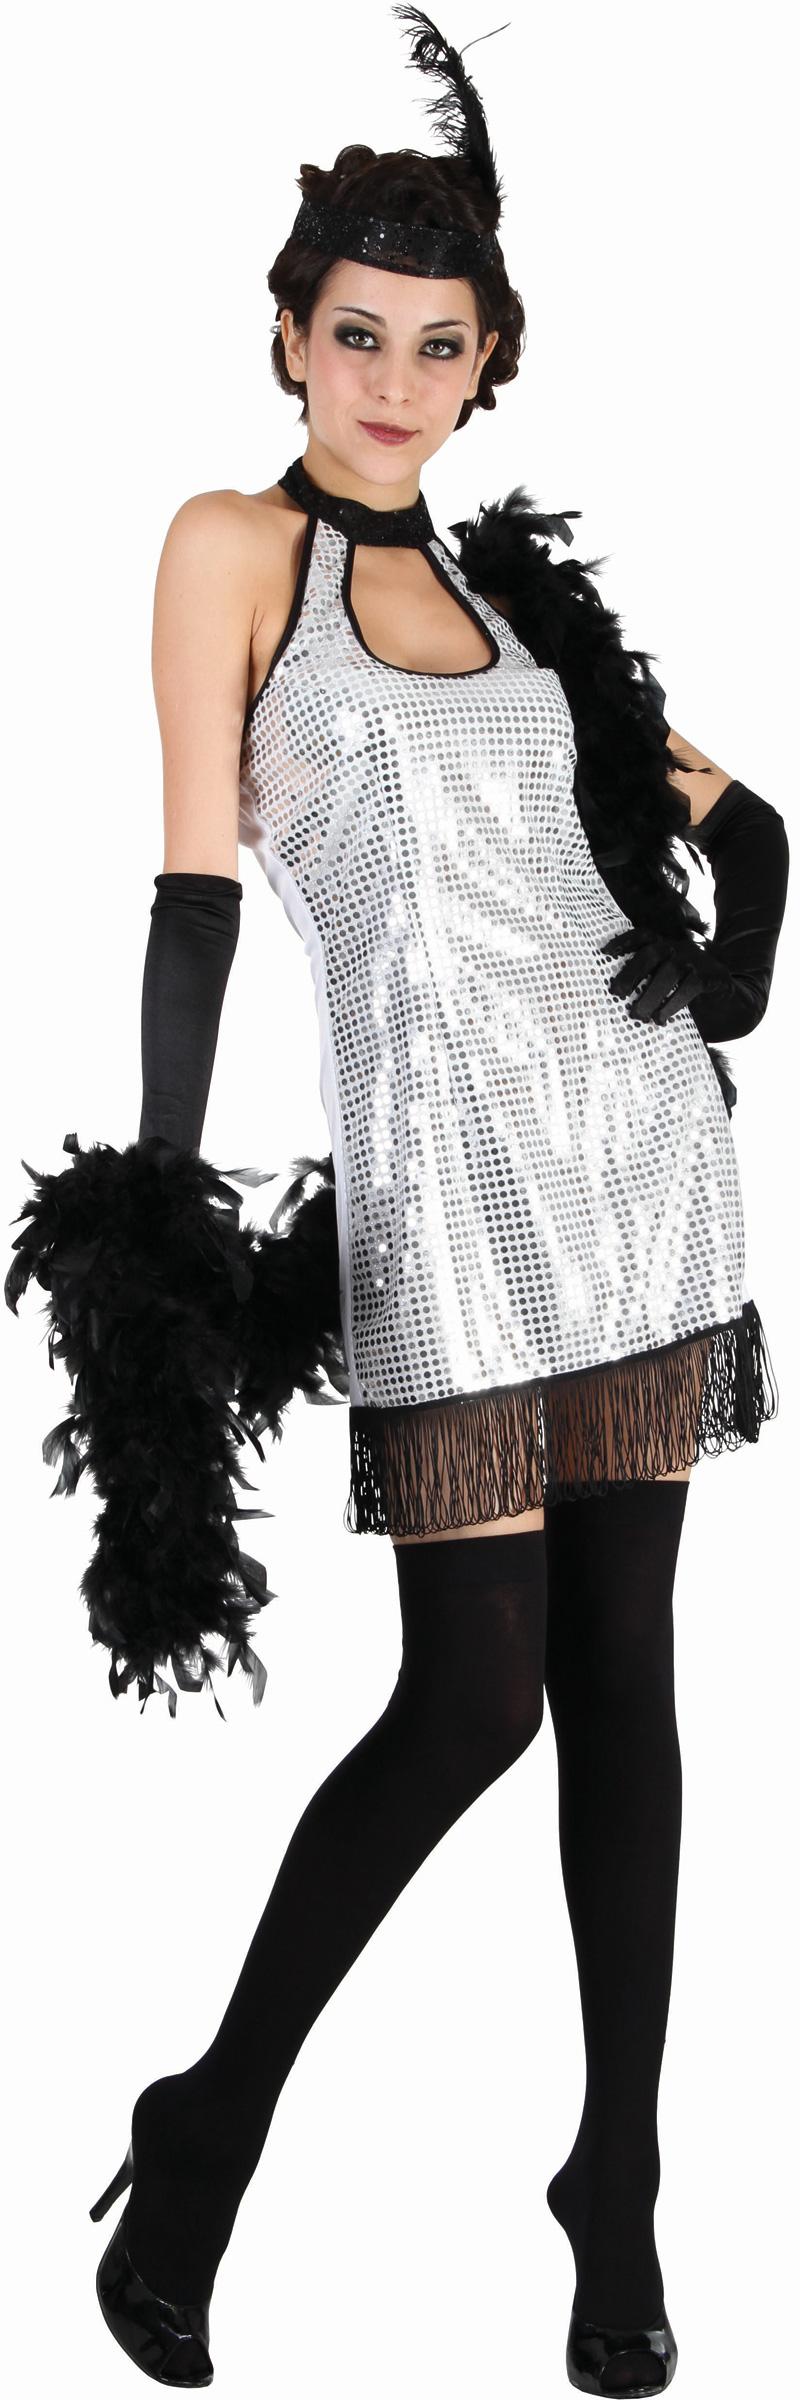 d guisement r tro femme d guisement cabaret pas cher costume carnaval. Black Bedroom Furniture Sets. Home Design Ideas